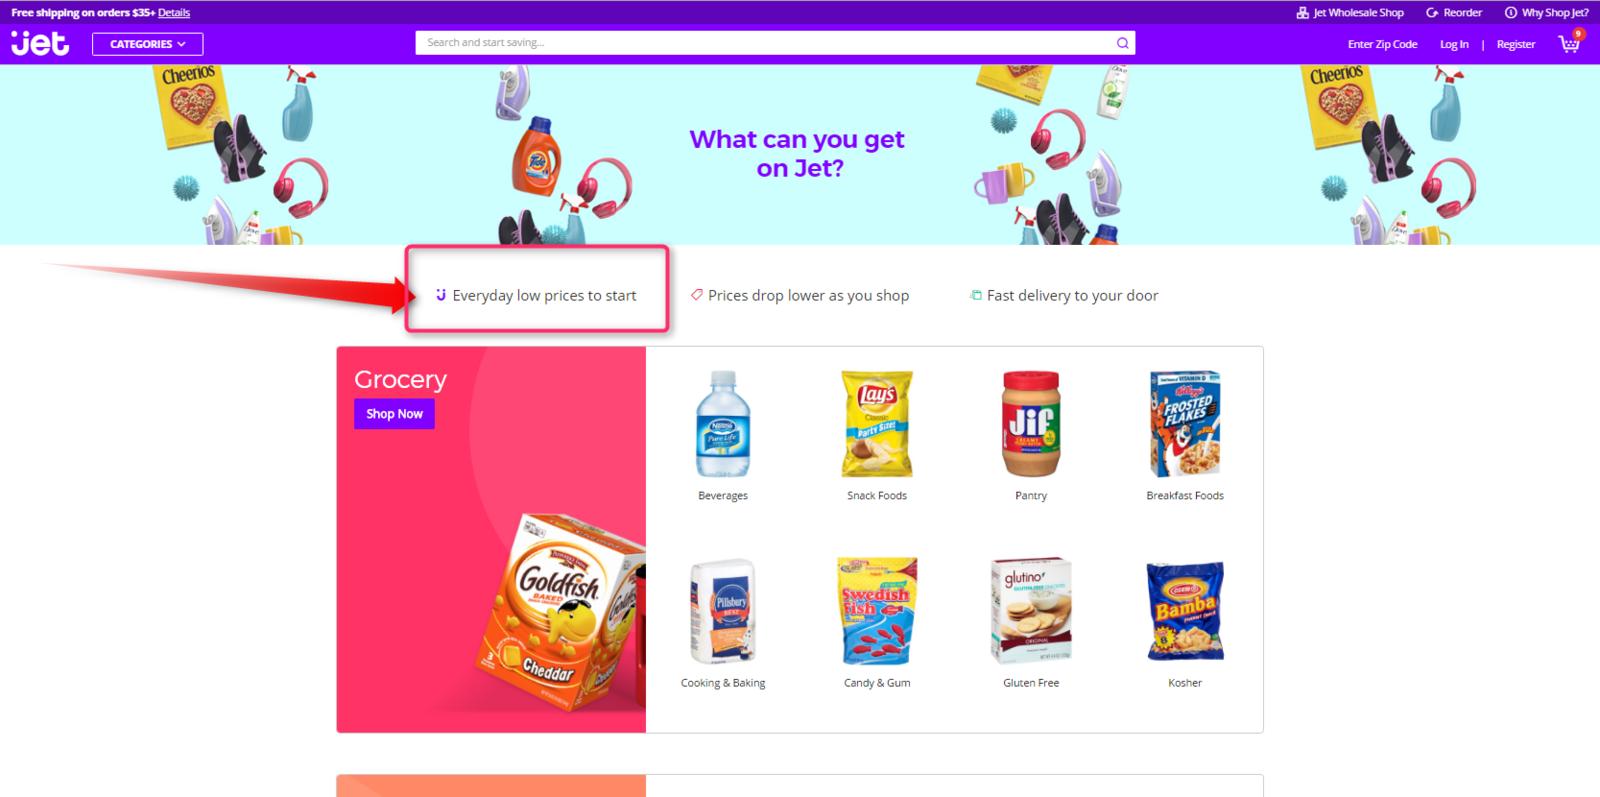 """Walmart annonce que pour l'instant, les sites restent autonomes.. mais le """" Every Day Low Price """" apparaît déjà dans la home page Jet !"""